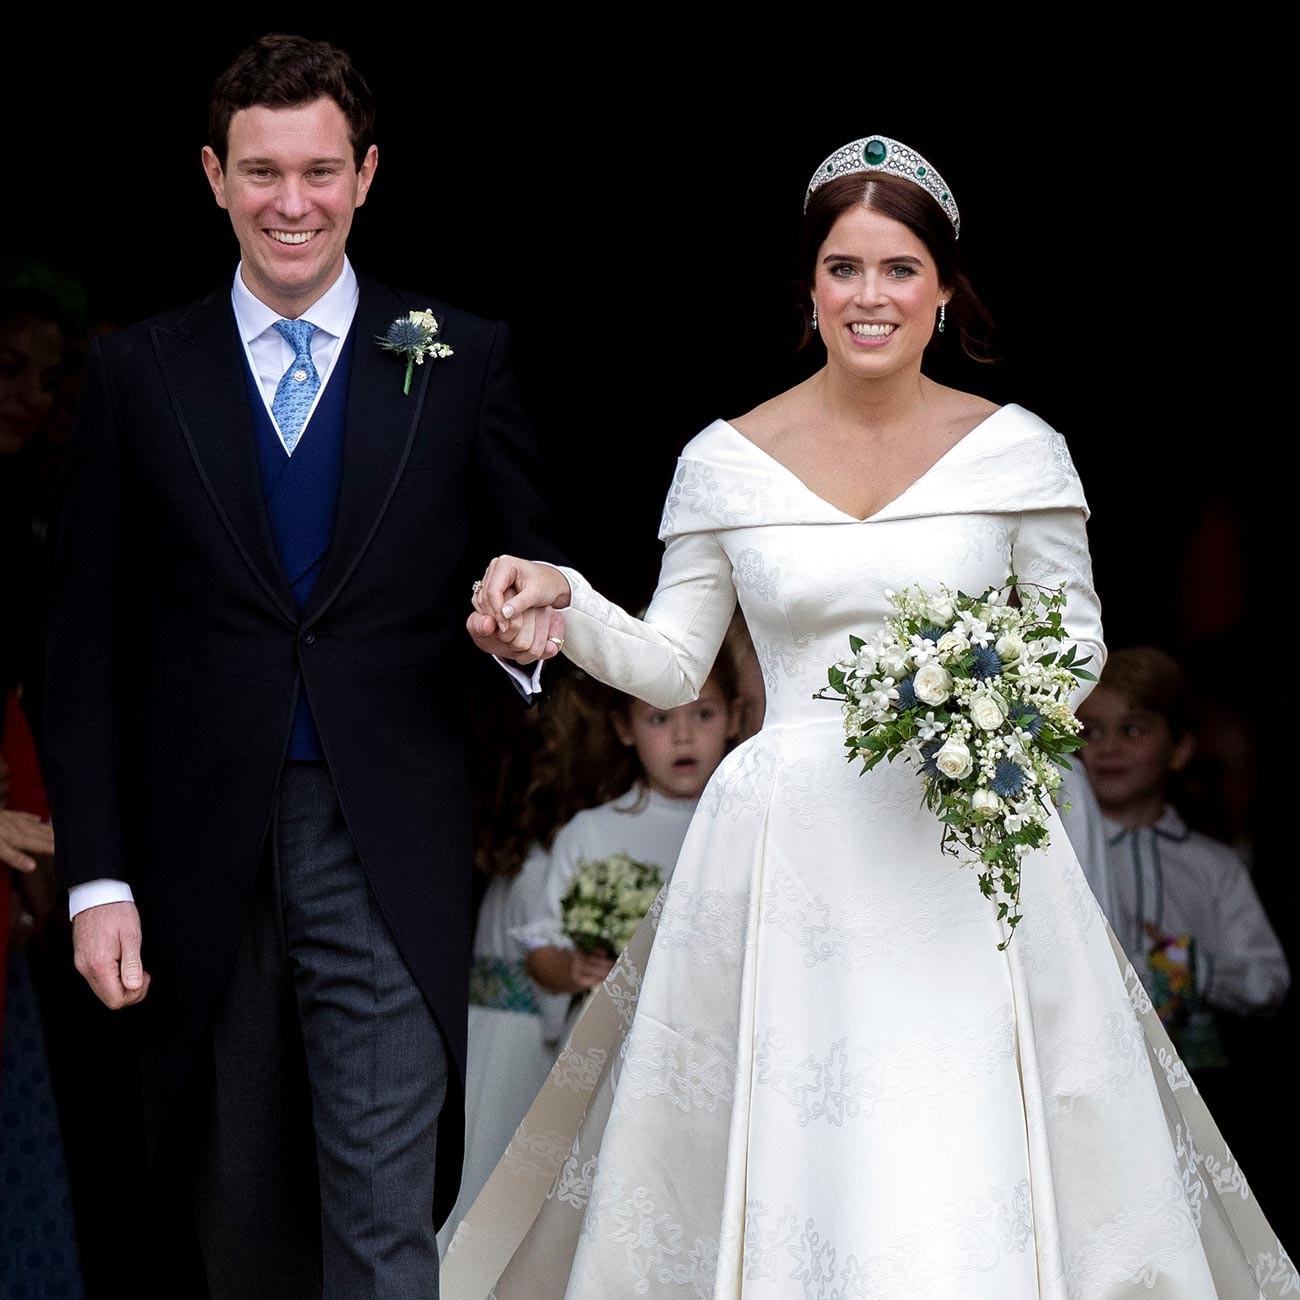 Putri Eugenie dan Jack Brooksbank meninggalkan Kapel St. George di Kastil Windsor setelah upacara pernikahan mereka pada 2018.